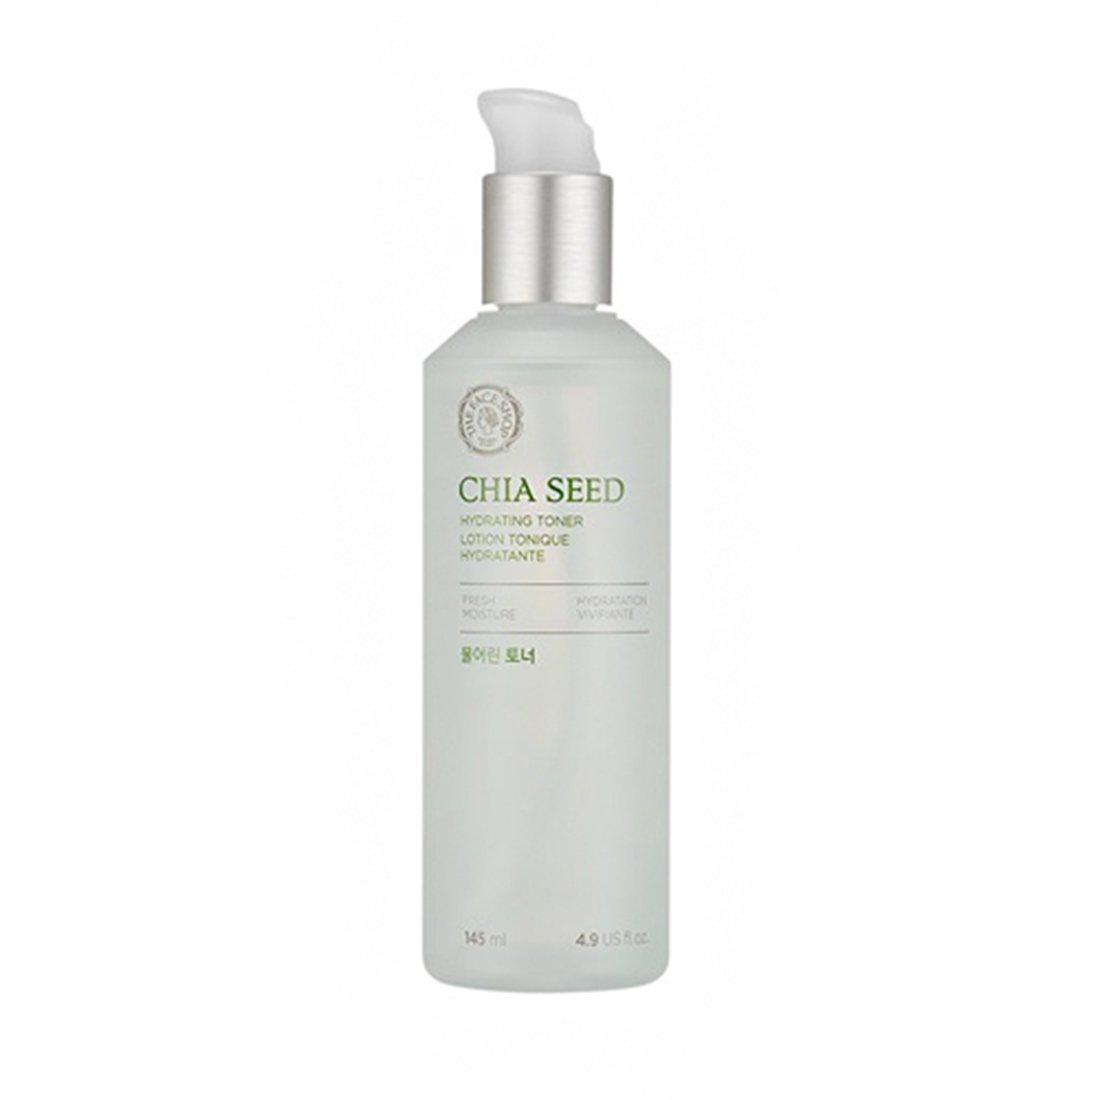 The Face Shop Chia semillas agua tóner + Loción: Amazon.es ...